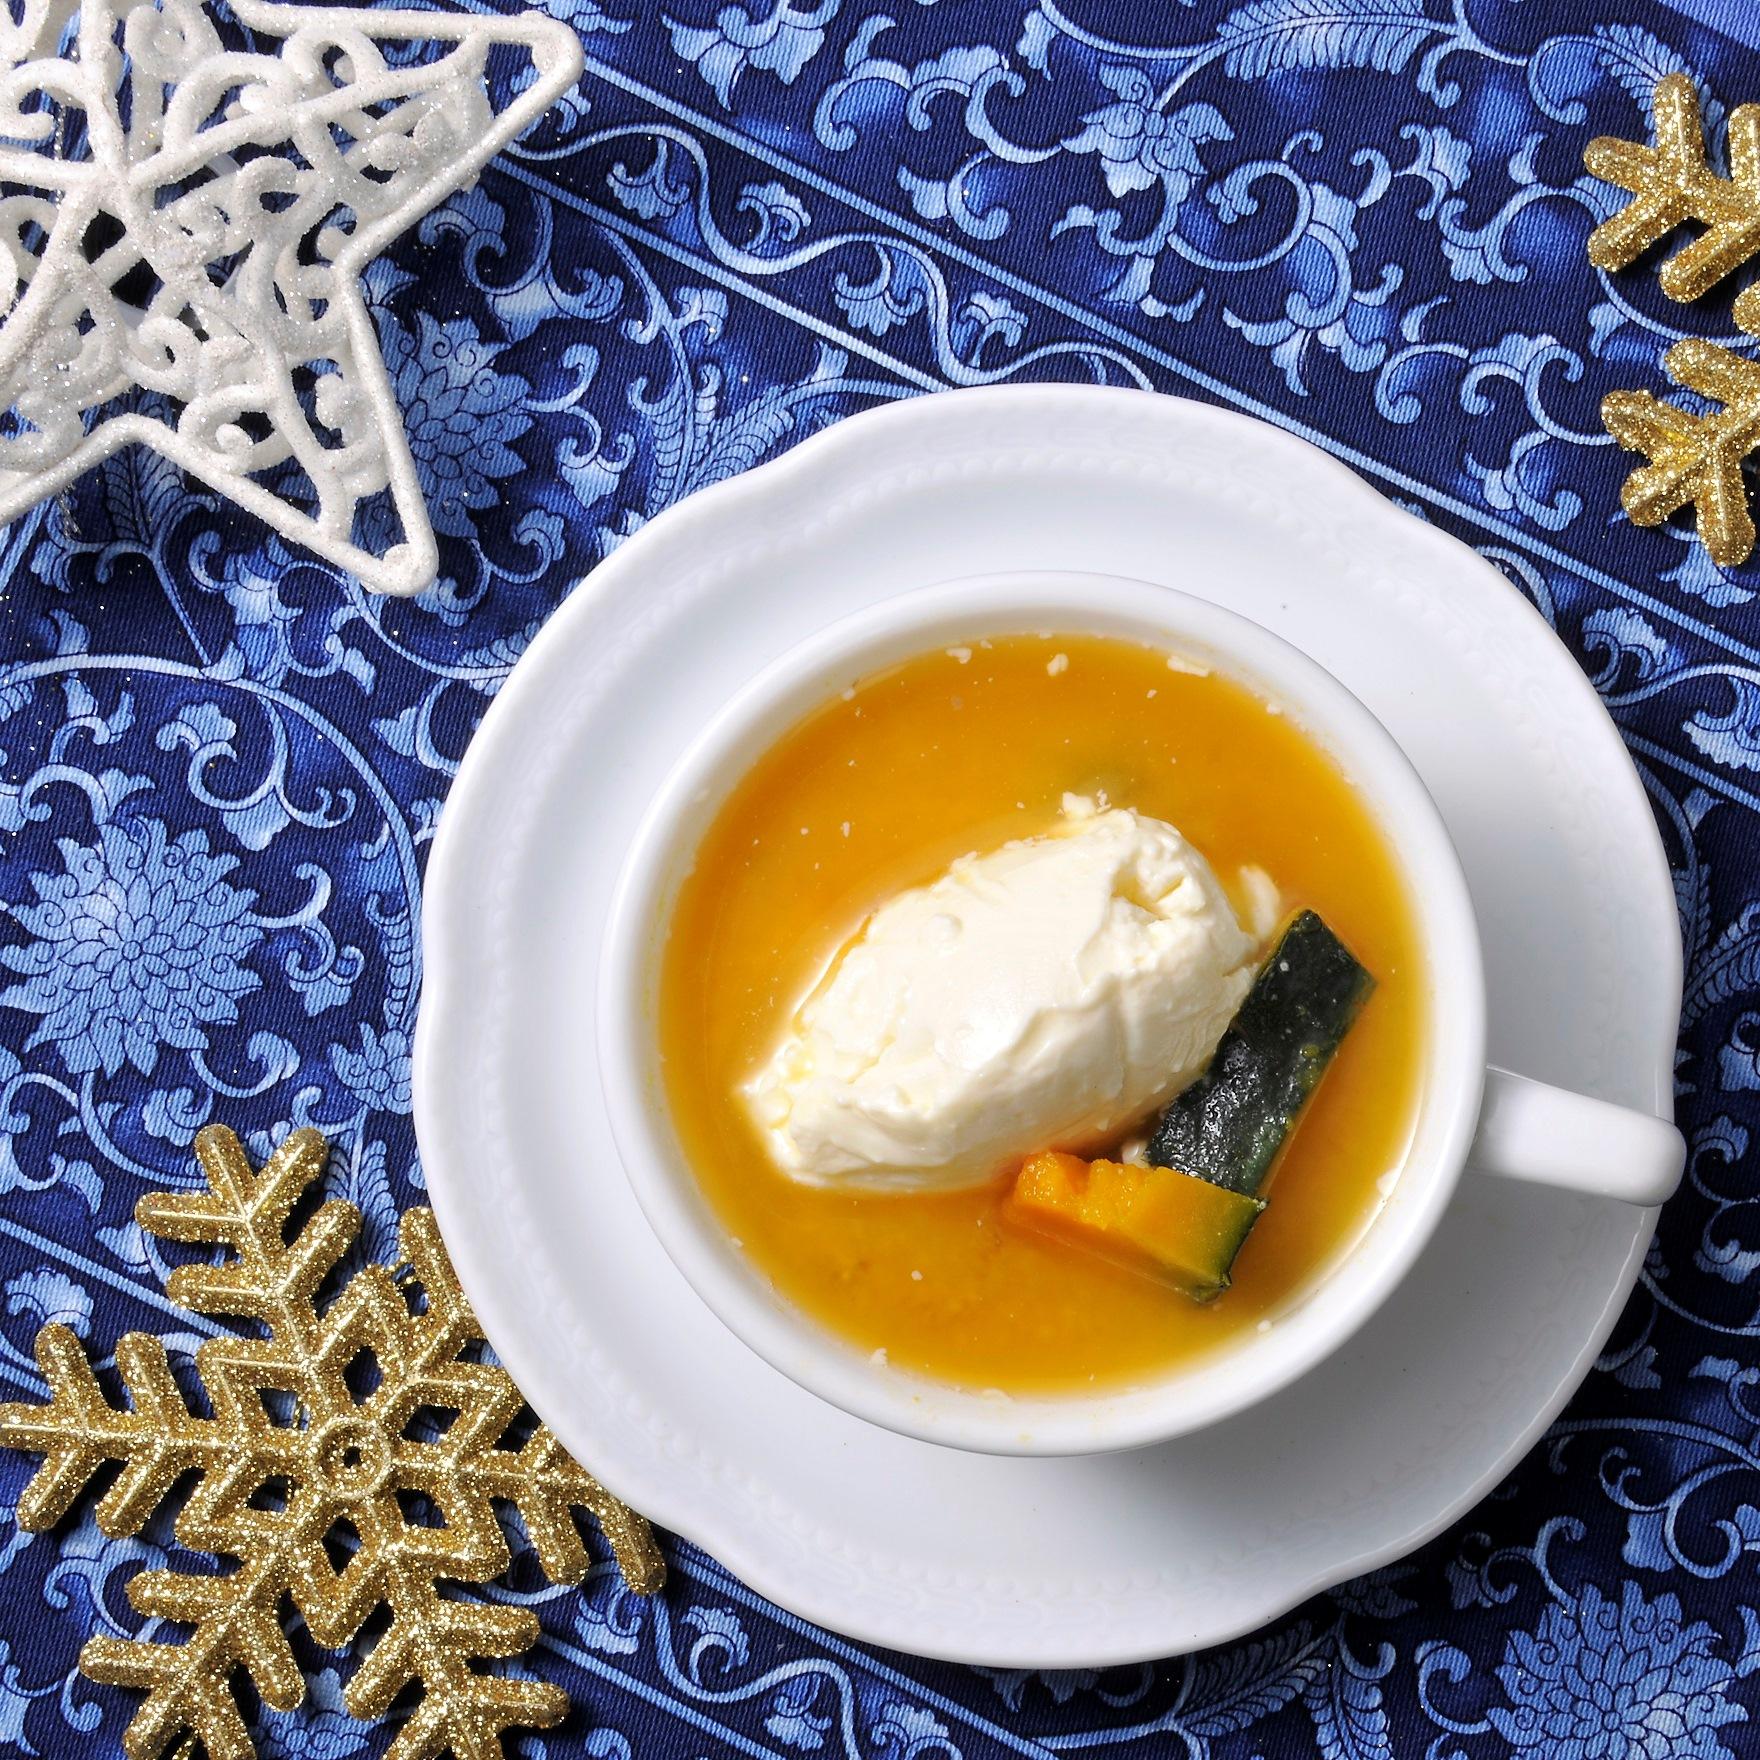 かぼちゃとクリームチーズの味噌スープ